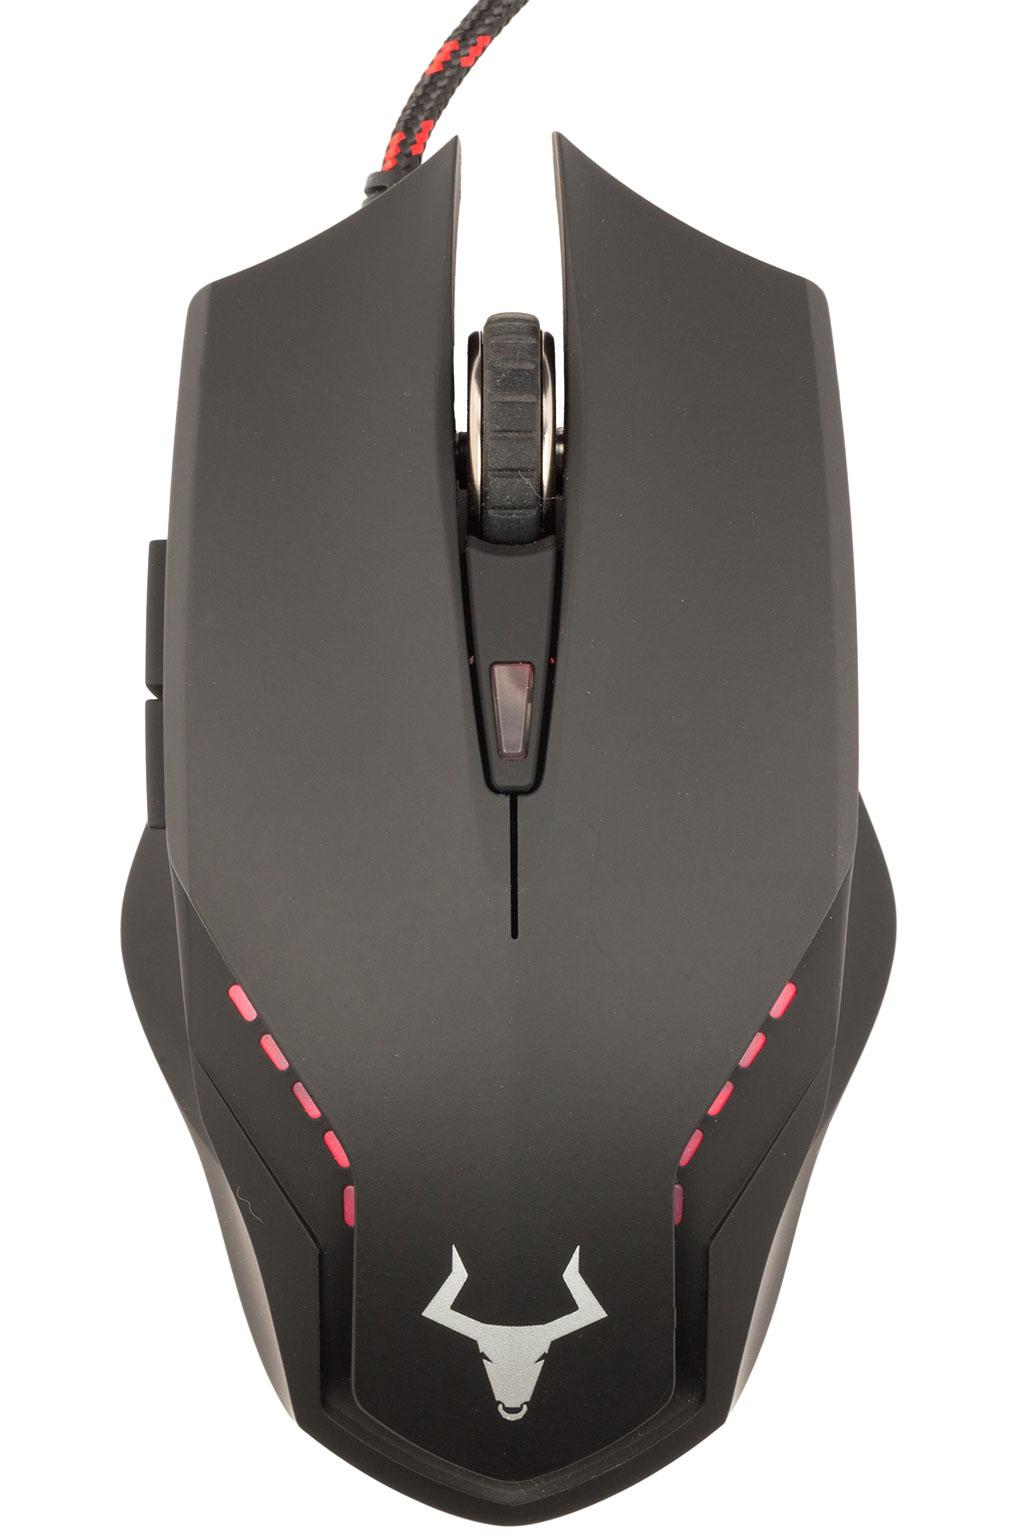 Mouse gaming itek taurus g58a - 2400dpi, illuminazione multicolor, ergonomico